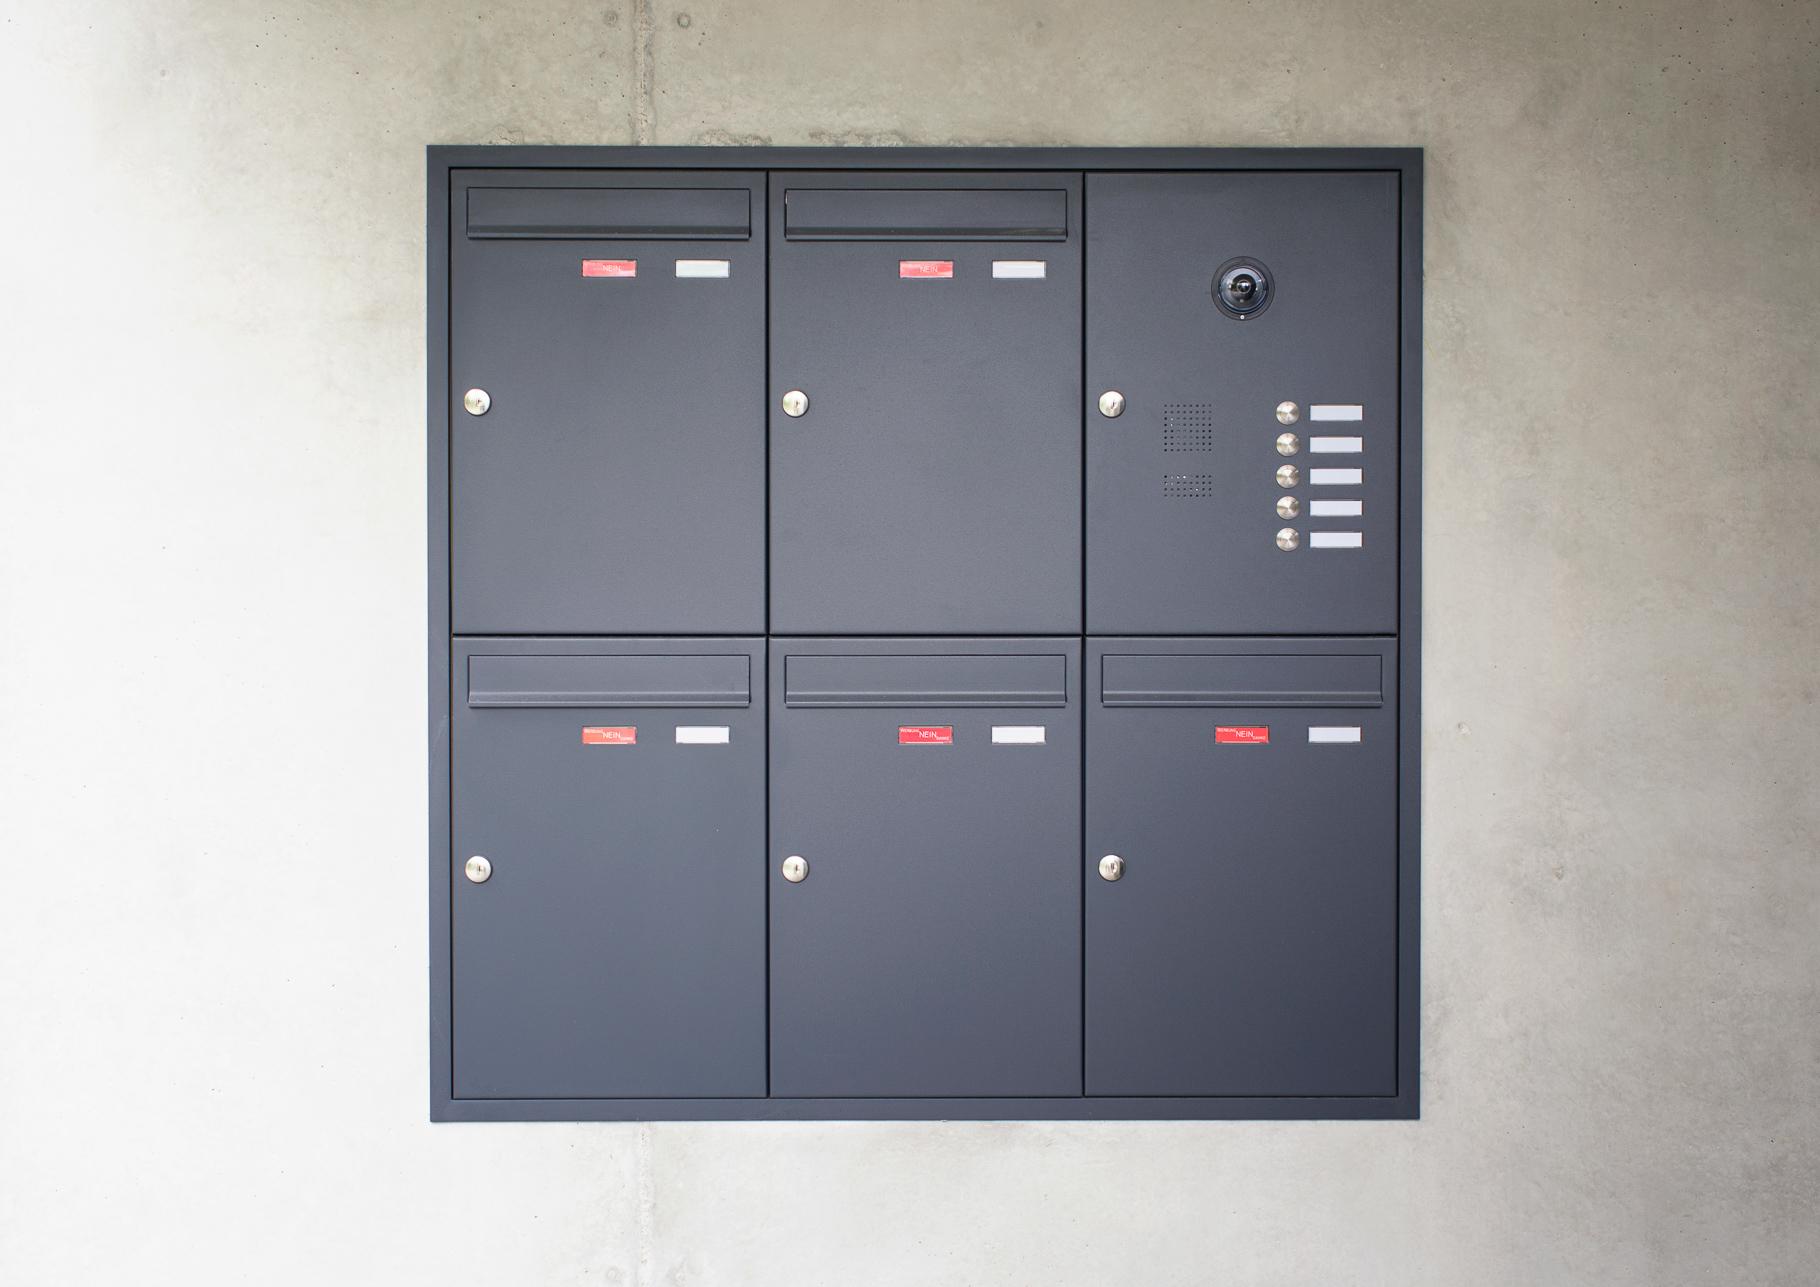 Briefkastenanlage Unterputz mit zweitem Namensschild und Funktionskasten mit Videomodul